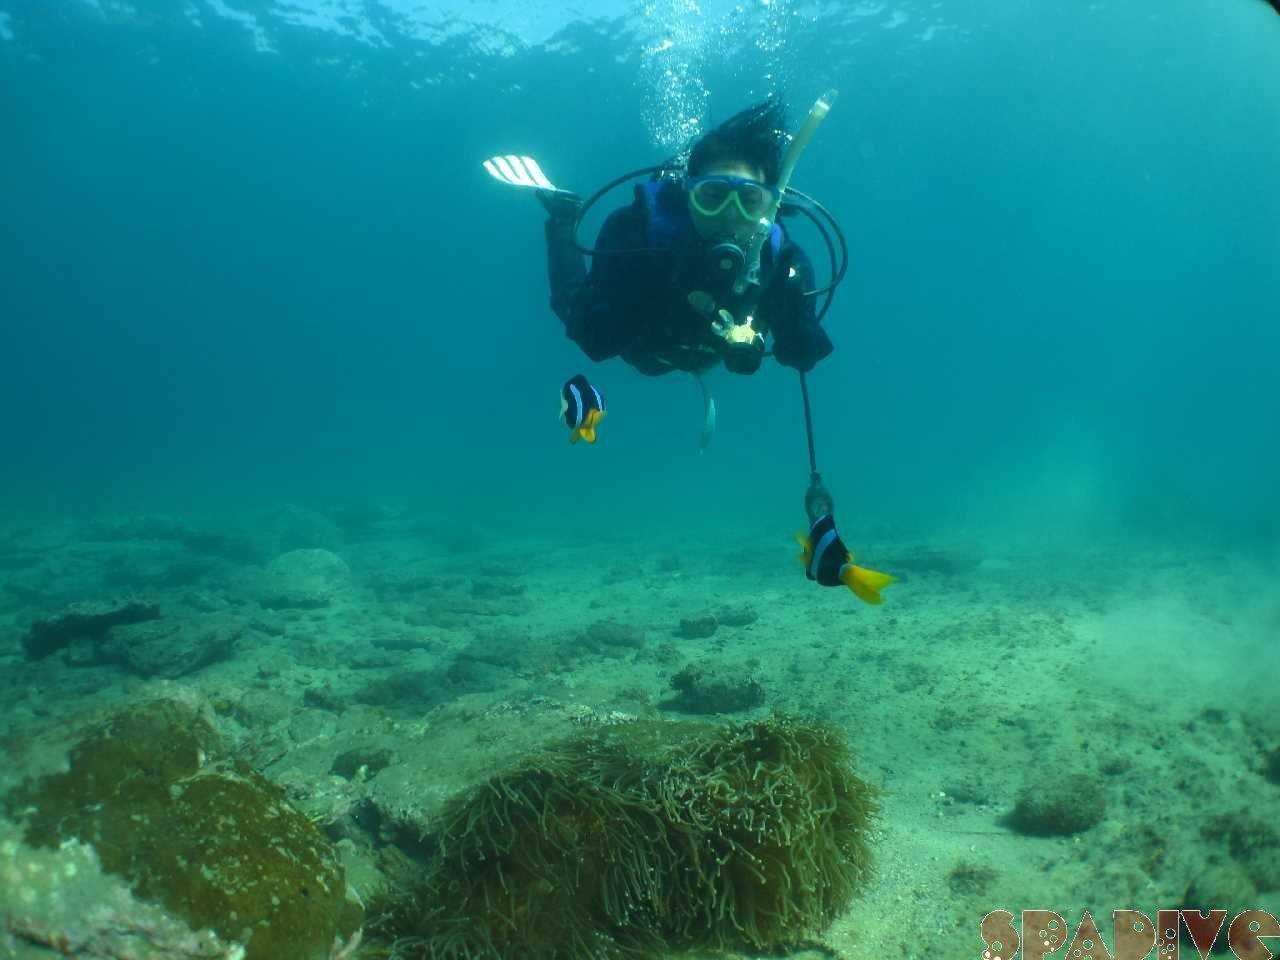 2015年12月撮影海フォトギャラリー 南紀白浜スパダイブ